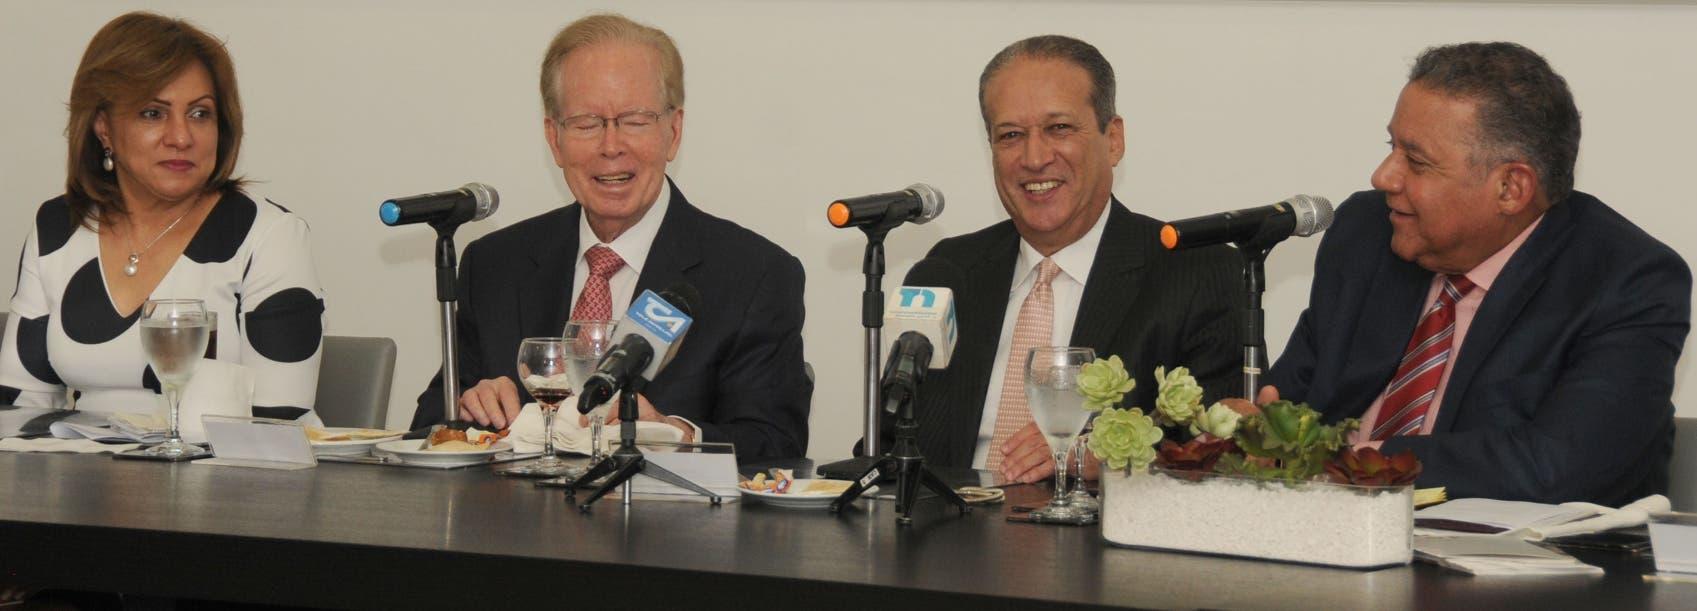 Margarita Pimentel, Jose Luis Corripio Estrada, Reinaldo Pared y Juan Bolívar Díaz en el Almuerzo del Grupo. Aracelis Mena